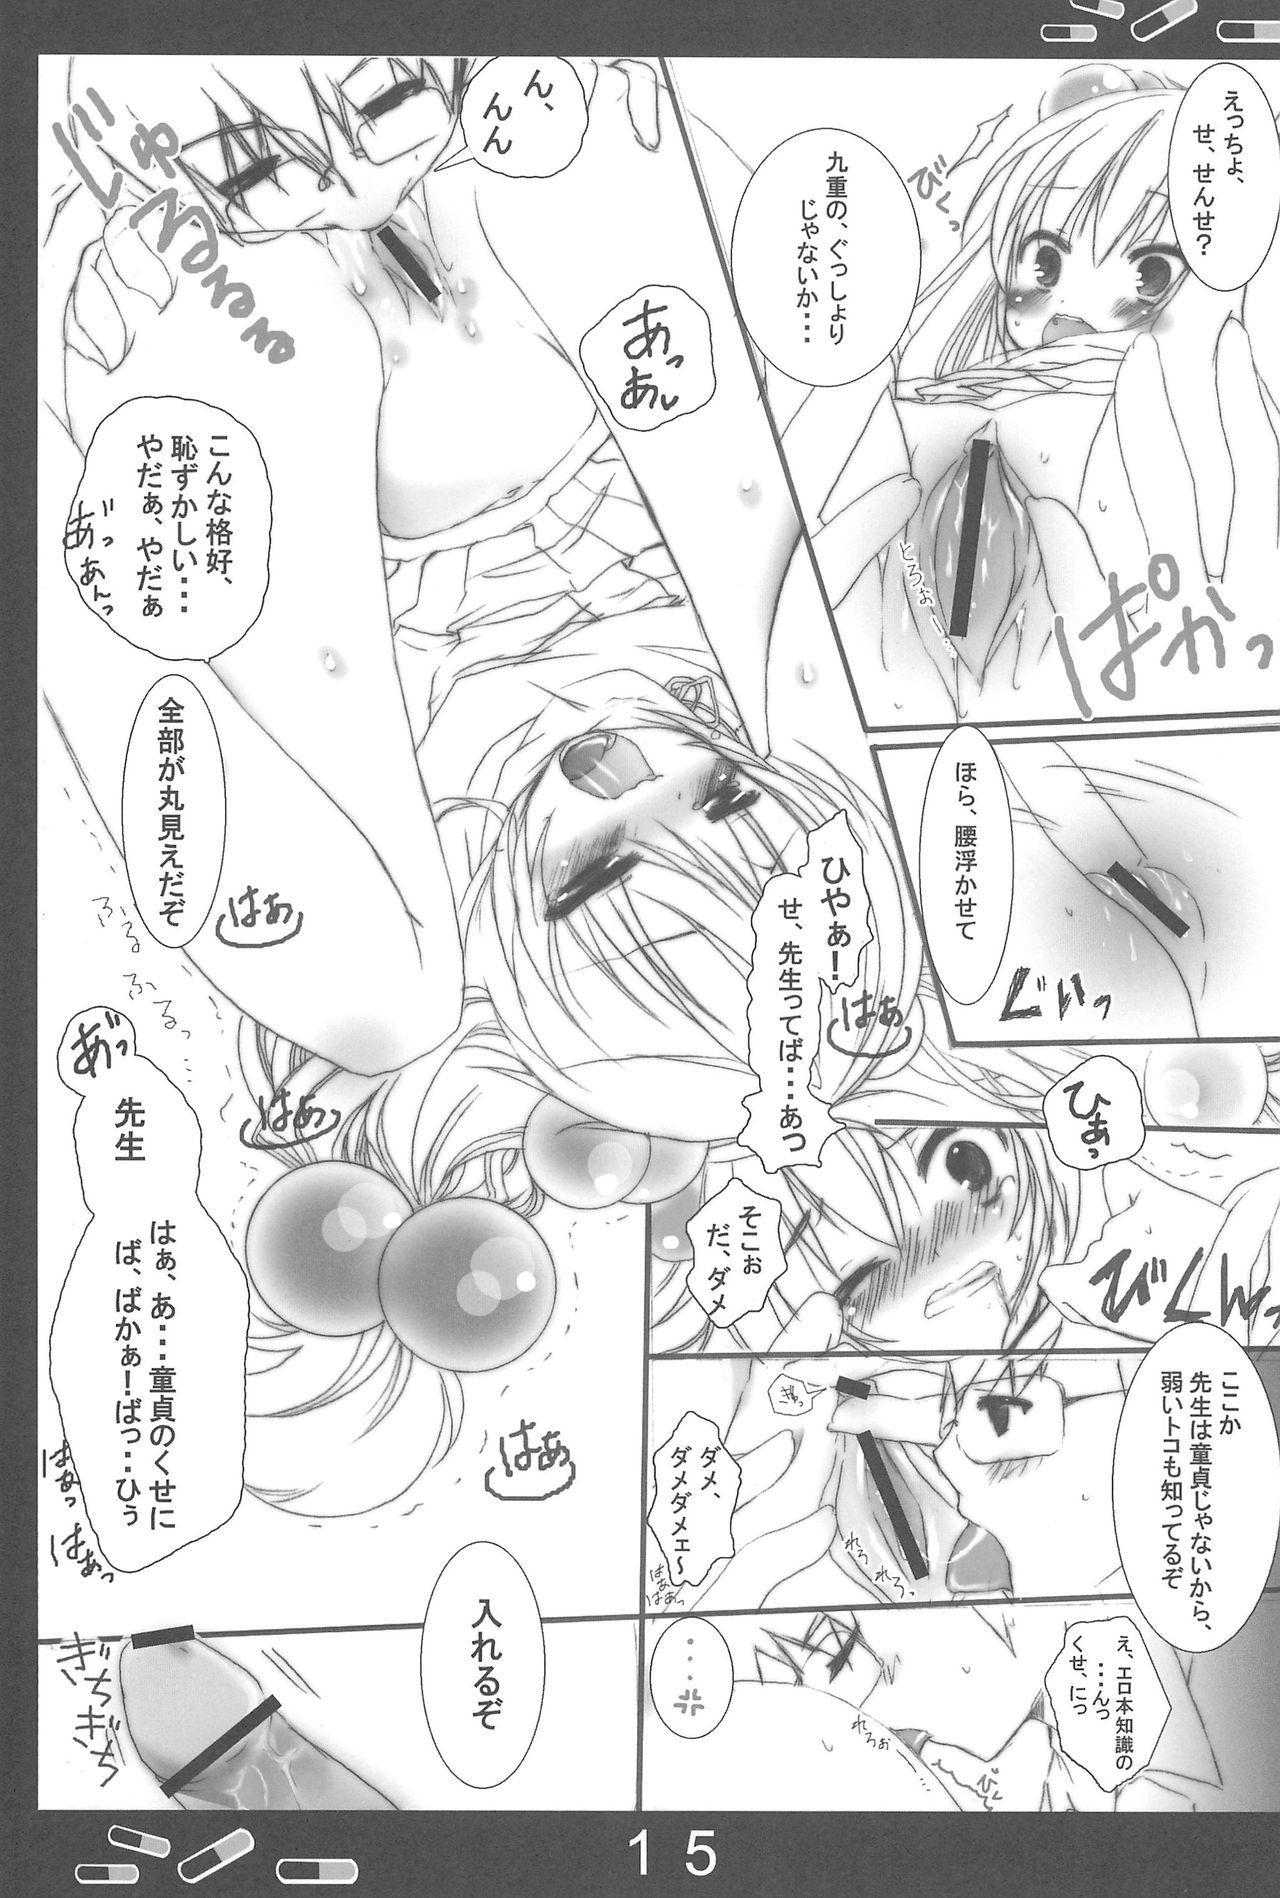 Onetsu no Jikan 14